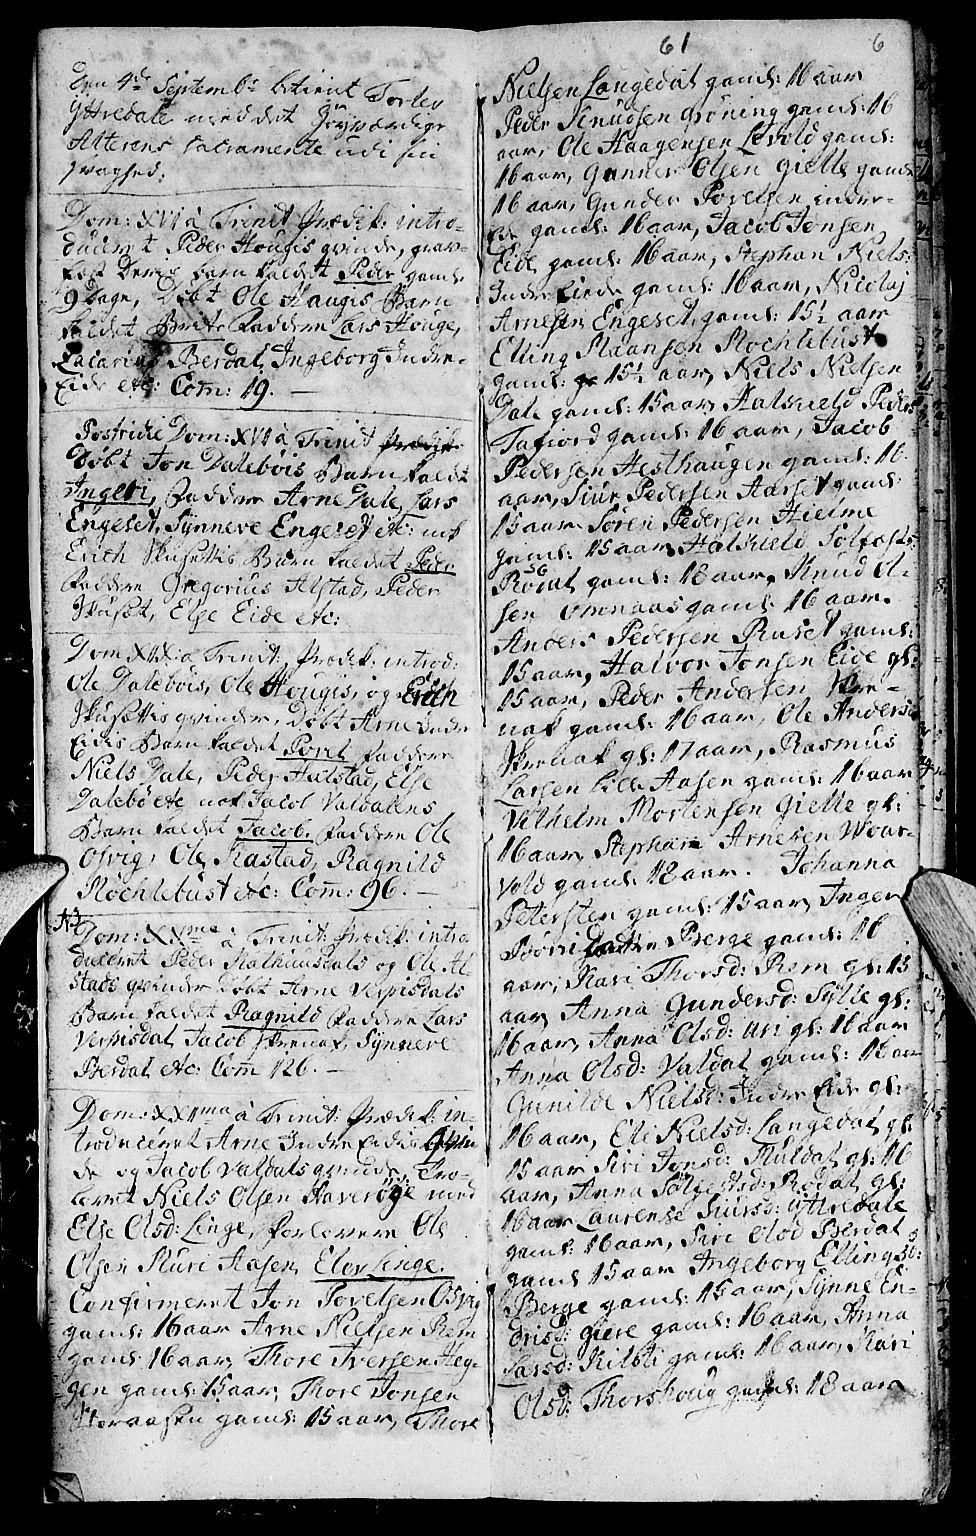 SAT, Ministerialprotokoller, klokkerbøker og fødselsregistre - Møre og Romsdal, 519/L0243: Parish register (official) no. 519A02, 1760-1770, p. 5-6